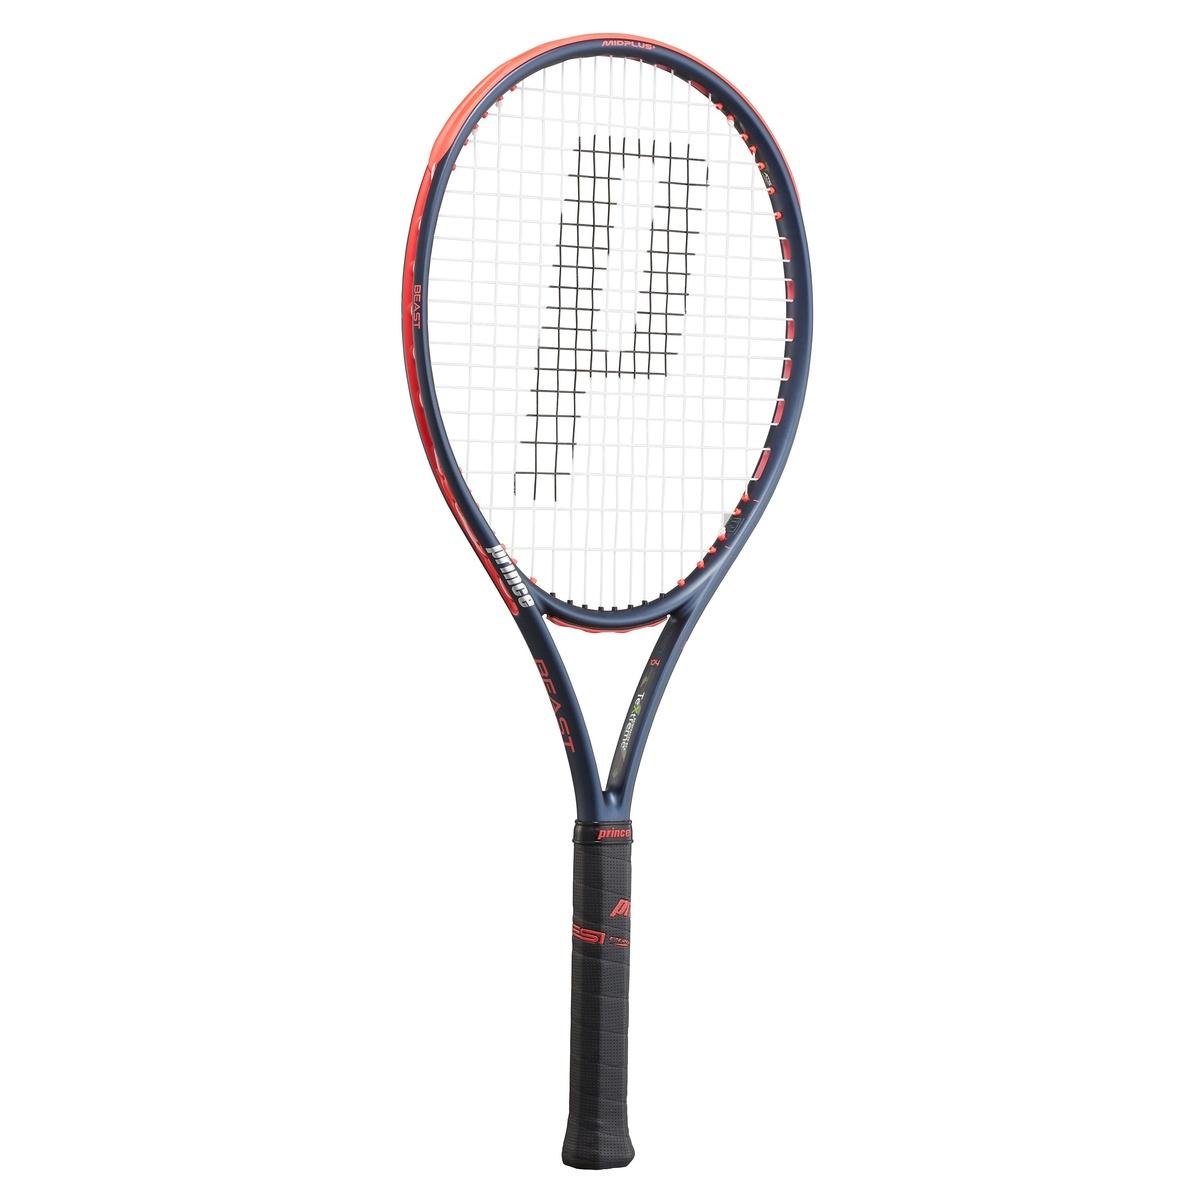 ● 【送料無料】 PRINCE (プリンス) 【フレームのみ】テニス フレームラケット 7TJ091 BEAST O3 104 20 NVY/BEASTRED 7TJ091